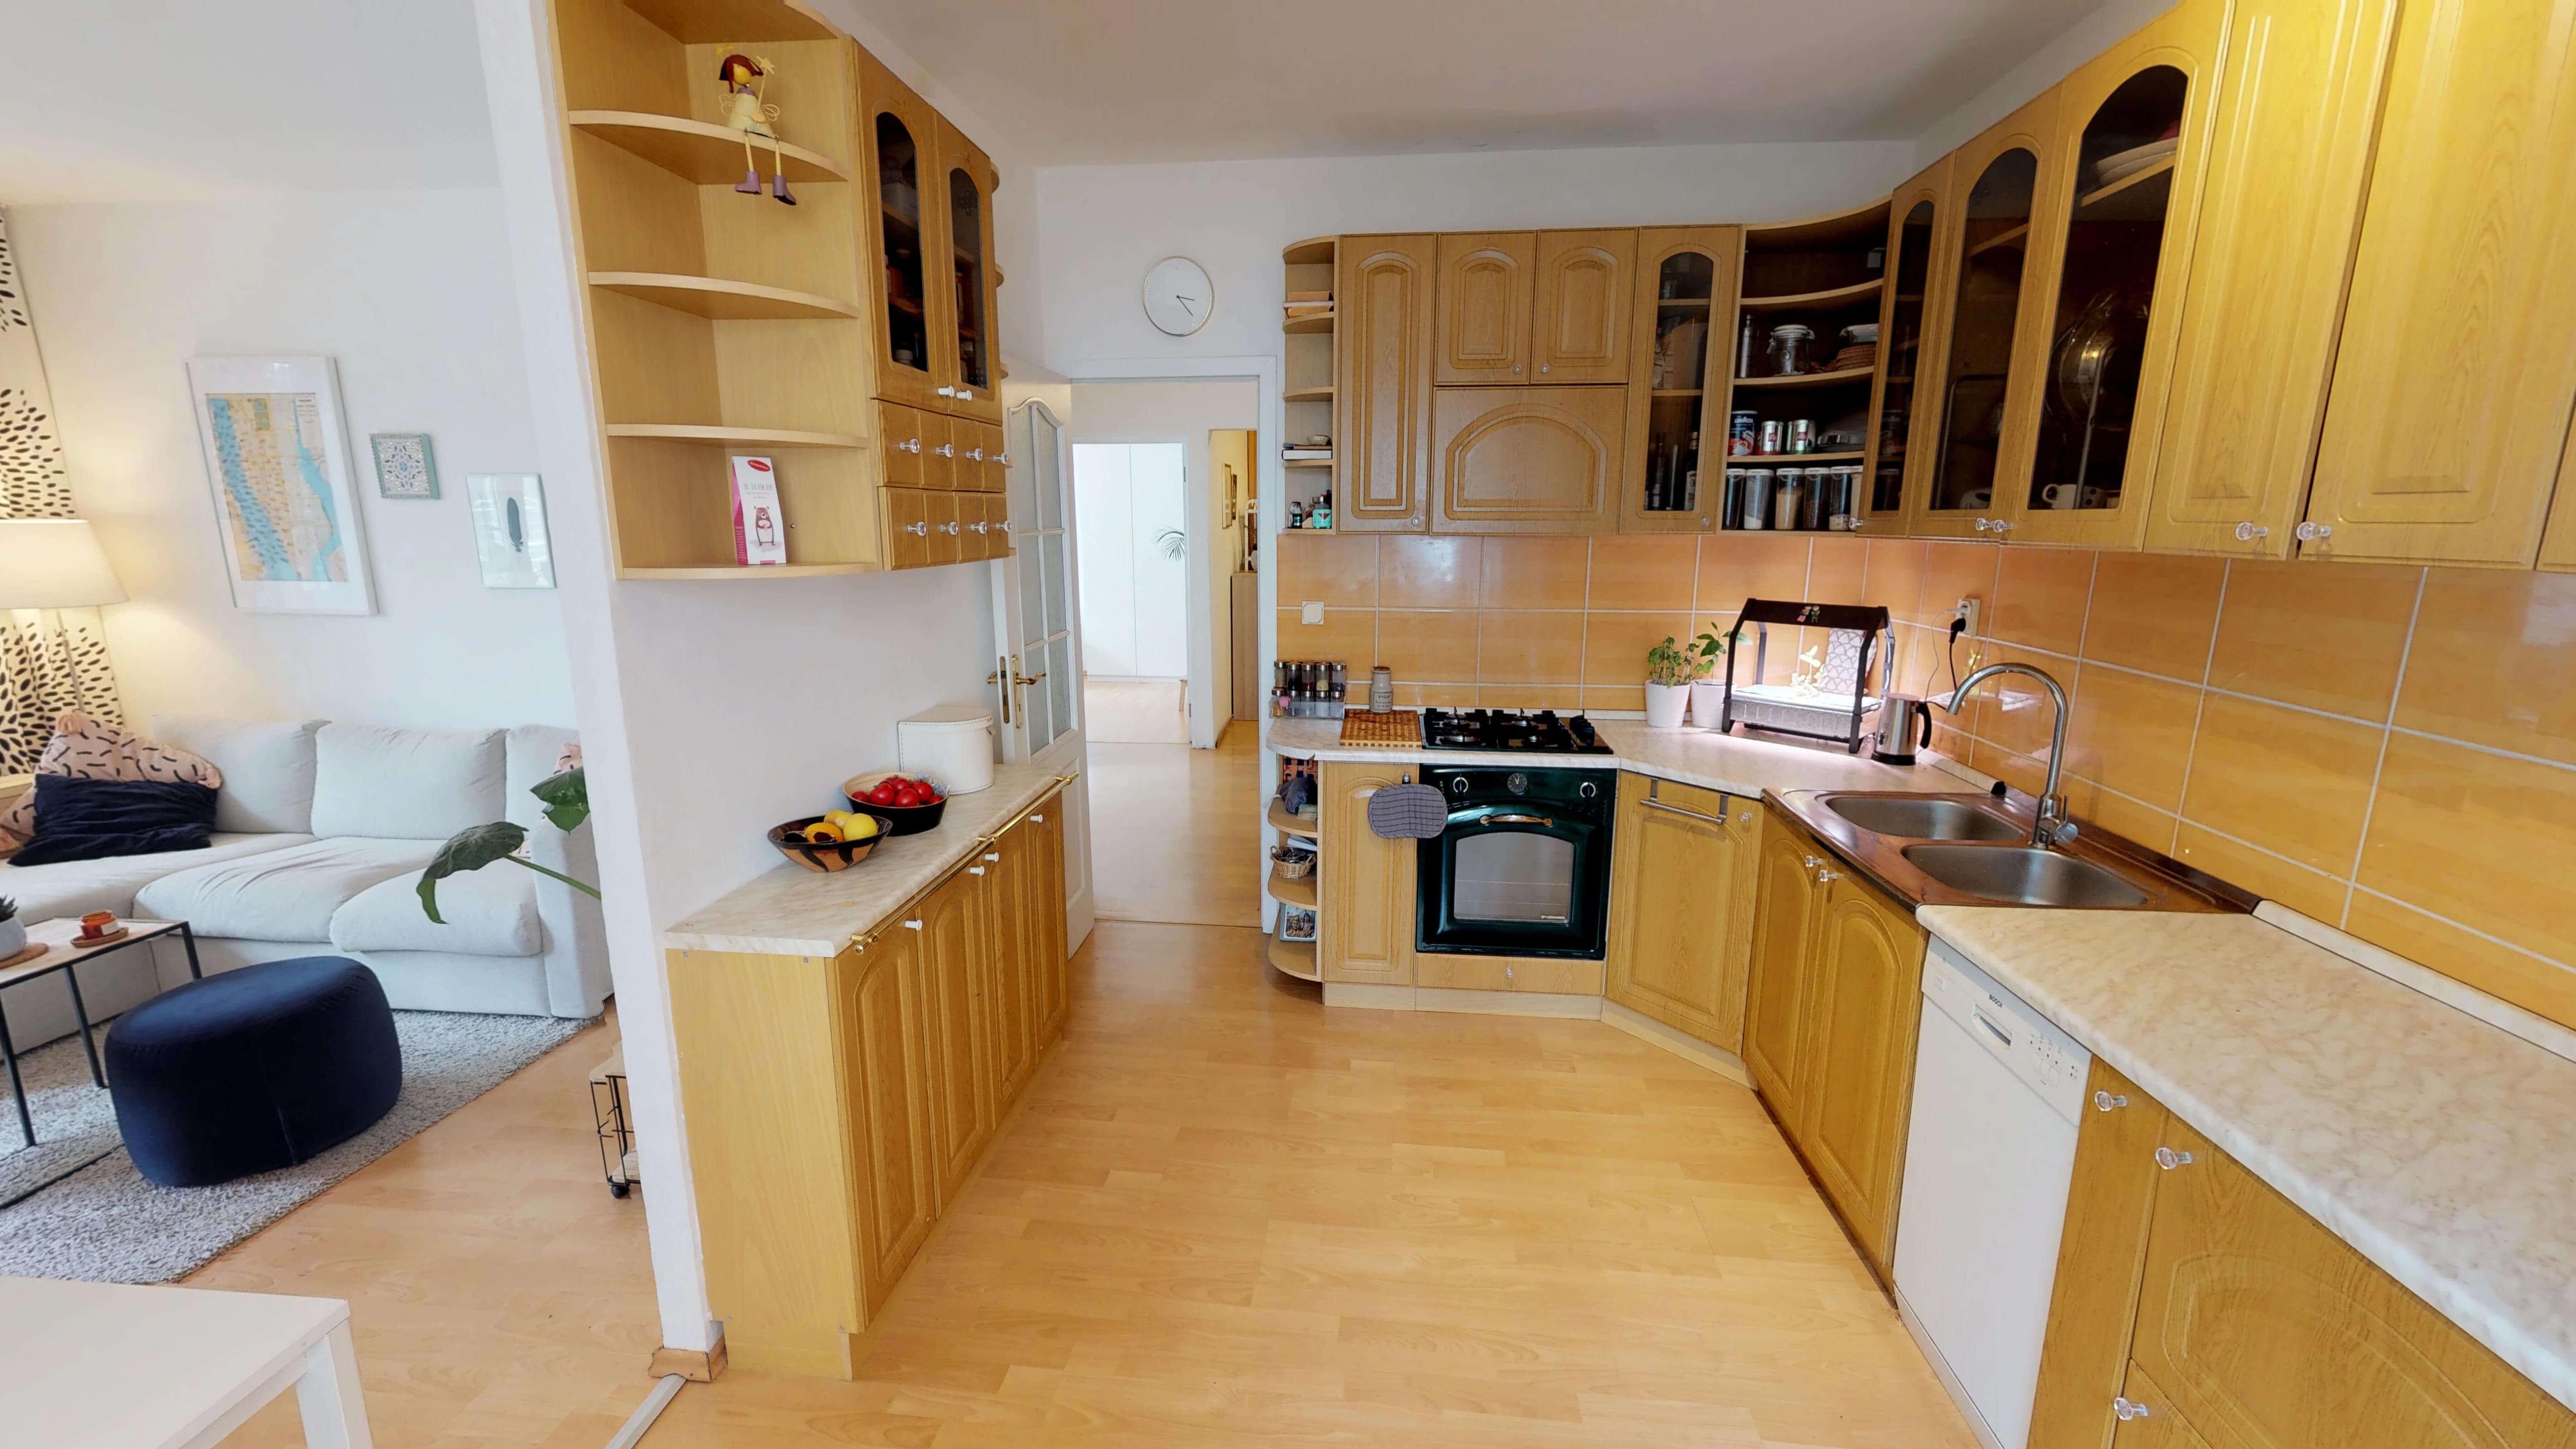 Predané Predaj exkluzívneho 3 izb. bytu,v Ružinove, ulica Palkovičová, blízko Trhoviska Miletičky v Bratislave, 68m2, kompletne zariadený-1